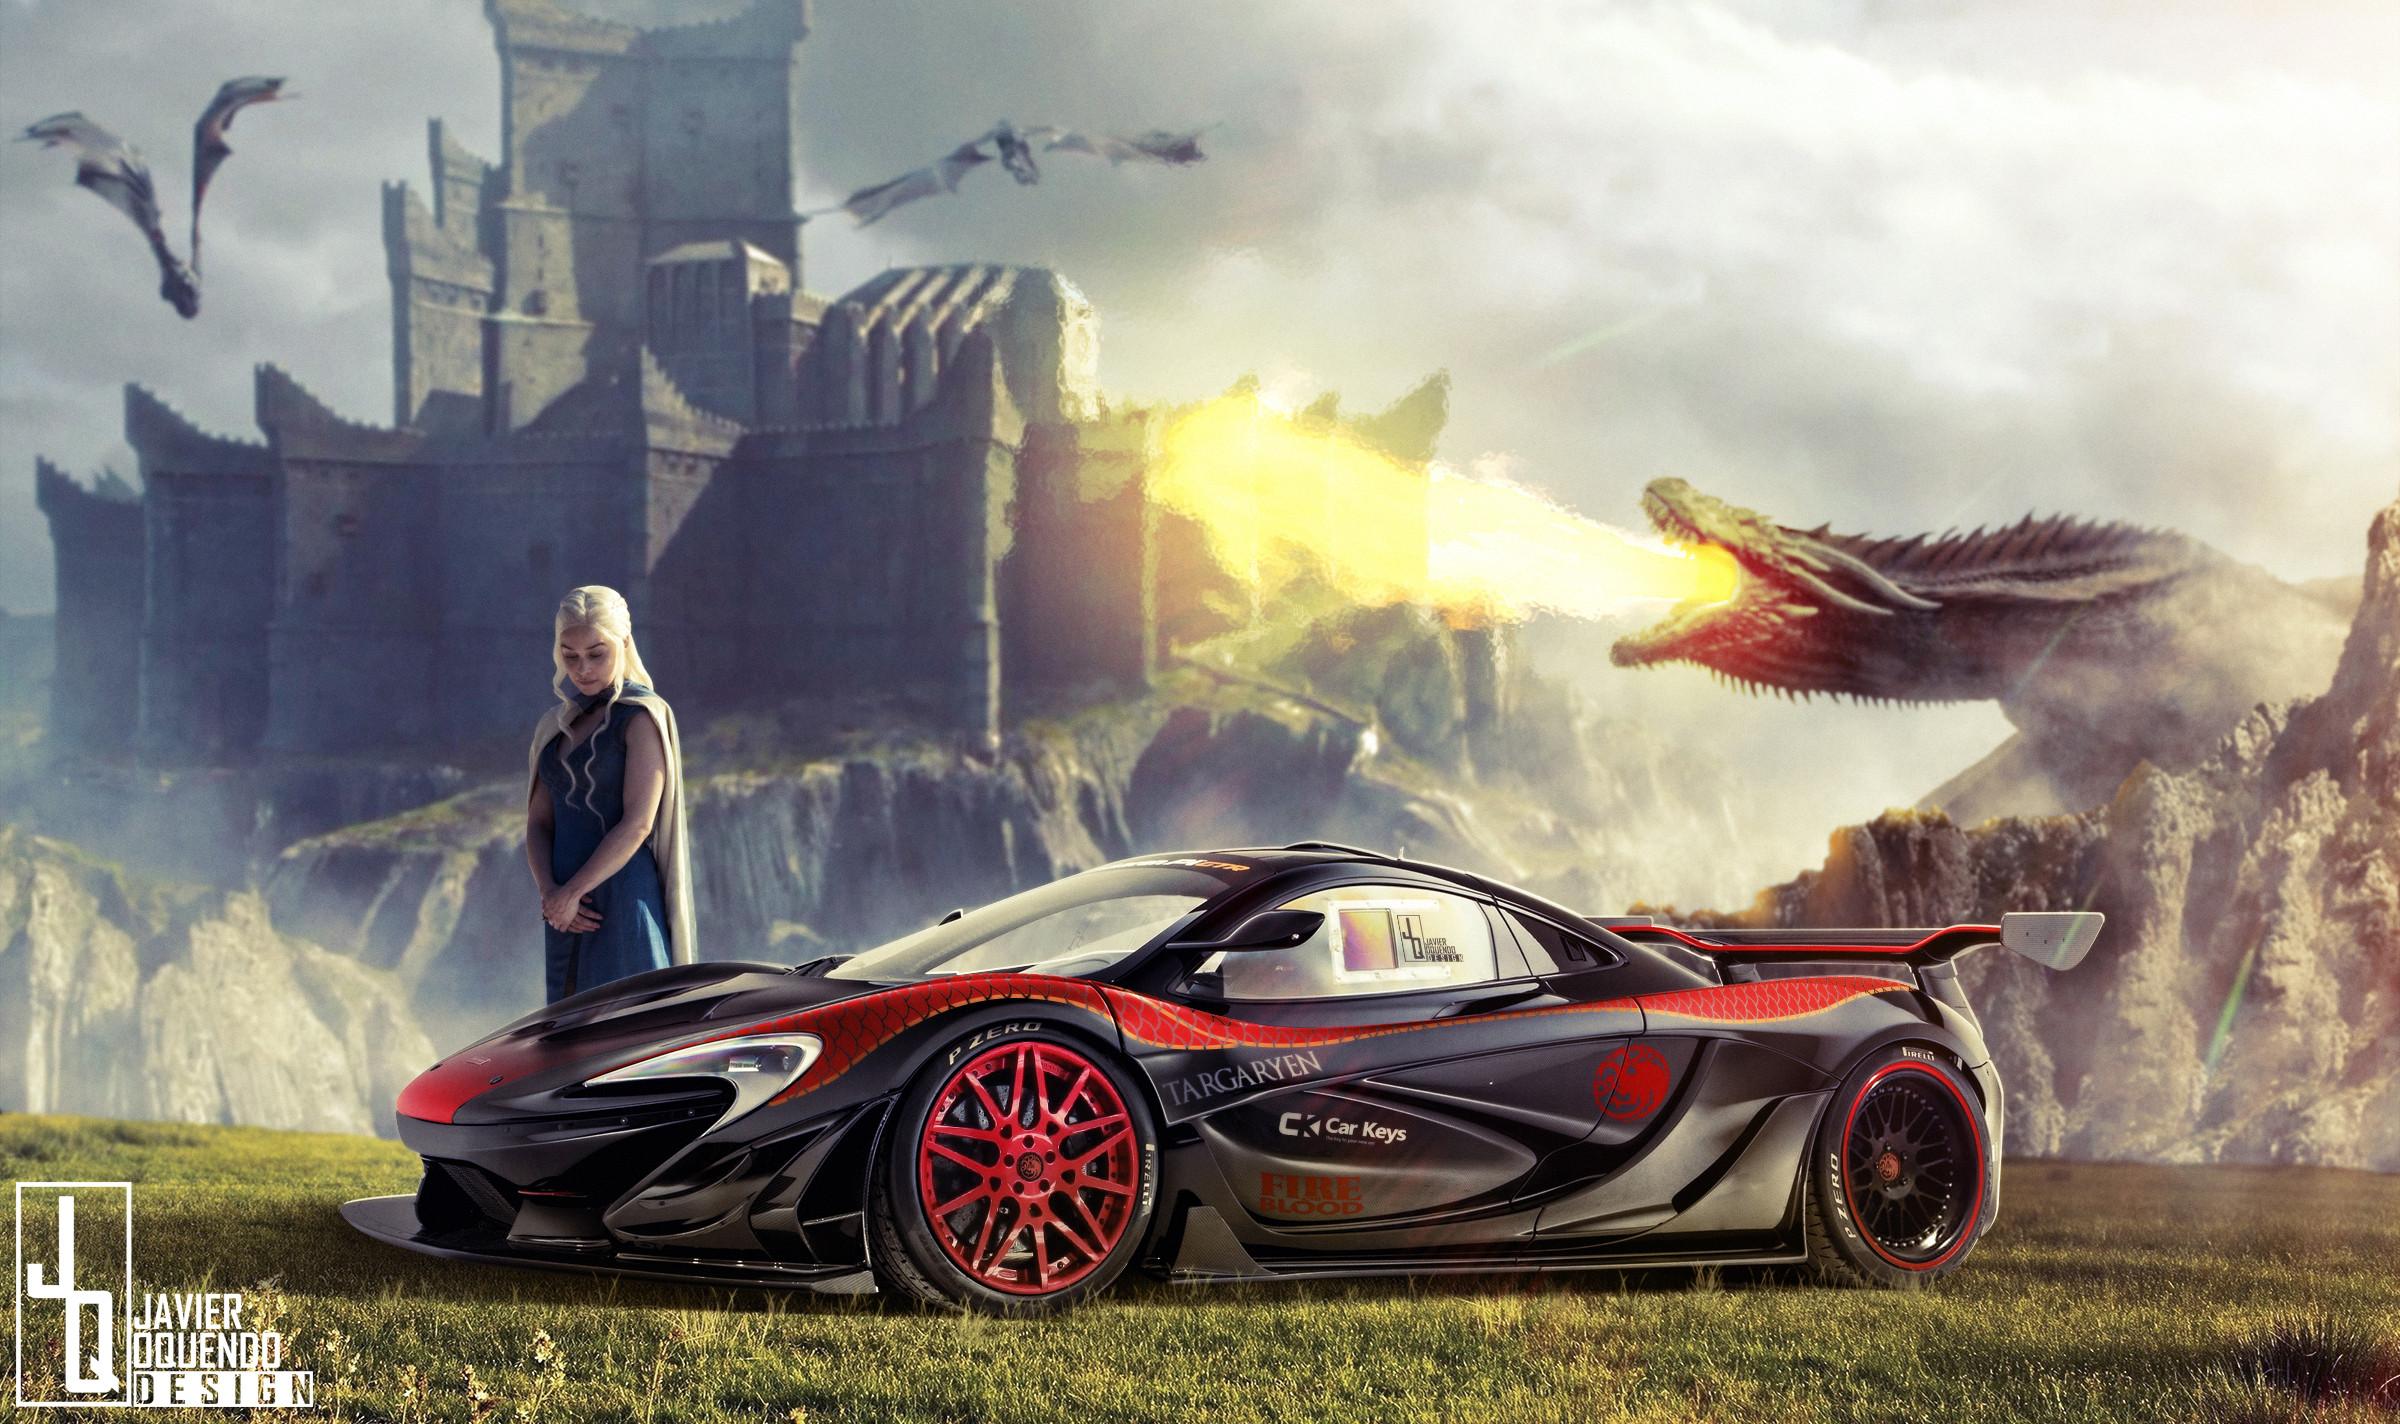 Daenerys Targaryen's McLaren P1 LM